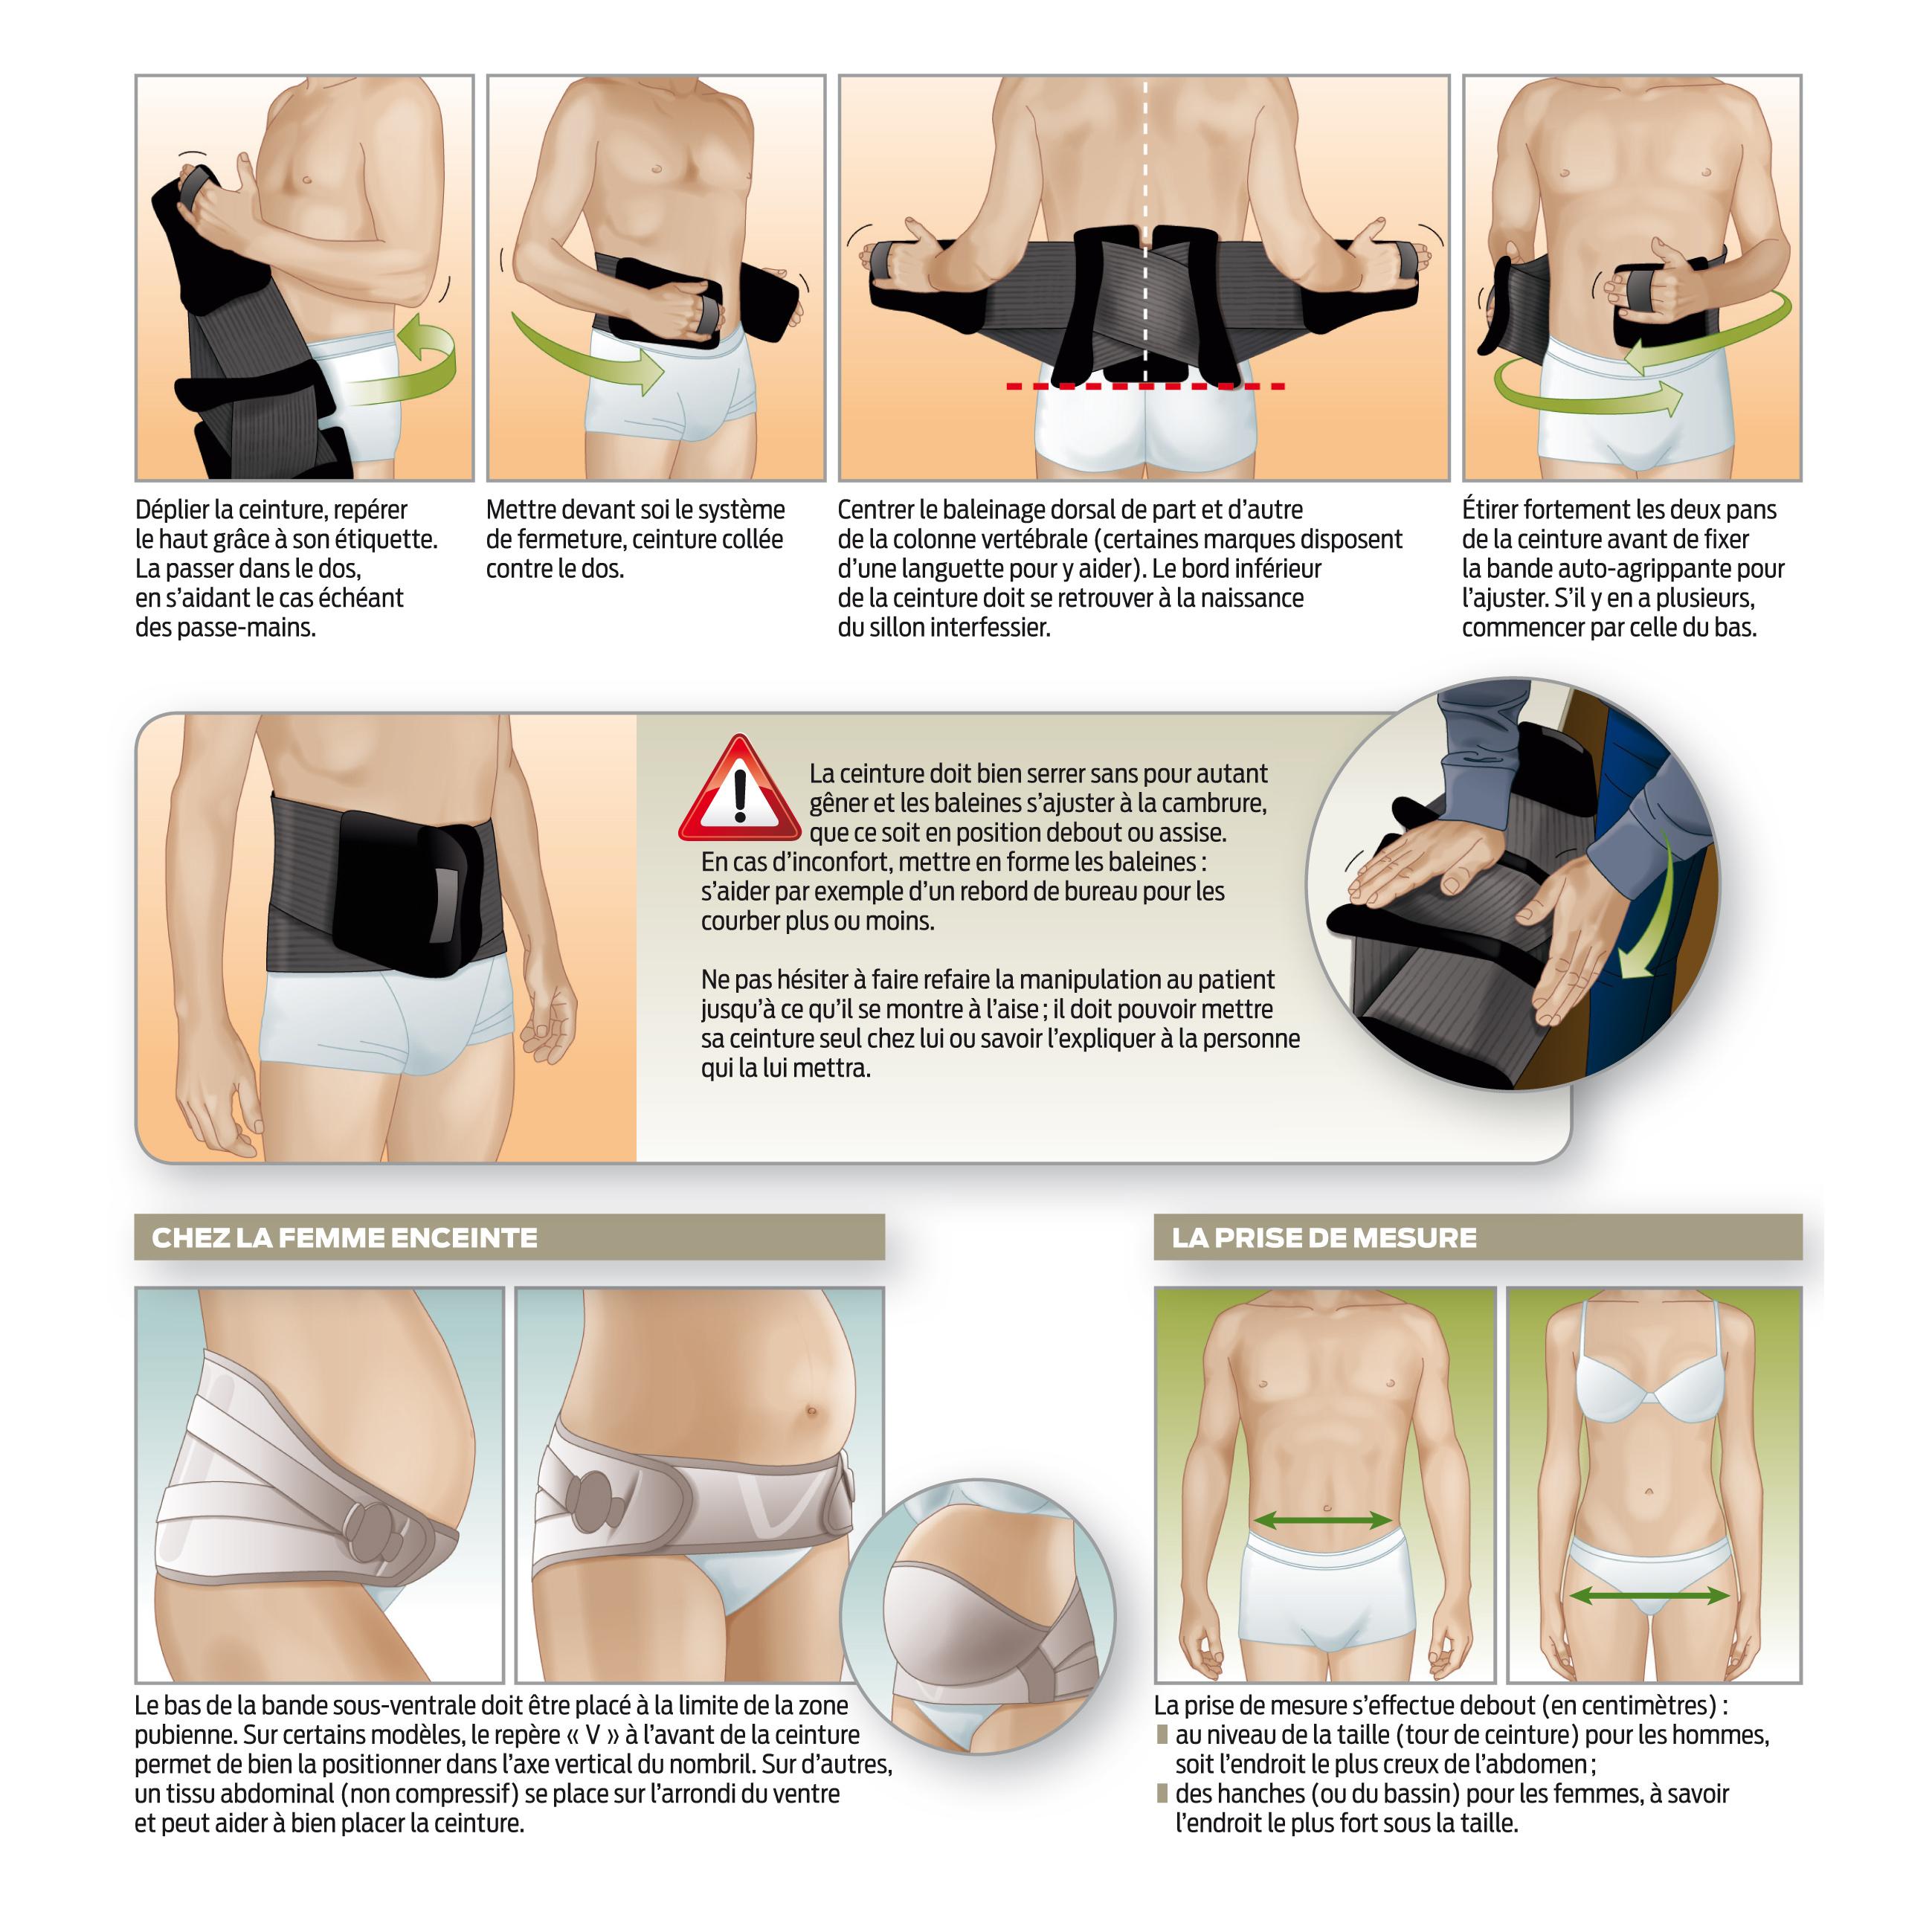 Poser une ceinture lombaire   Le Pharmacien de France - Magazine 3fca03560f7